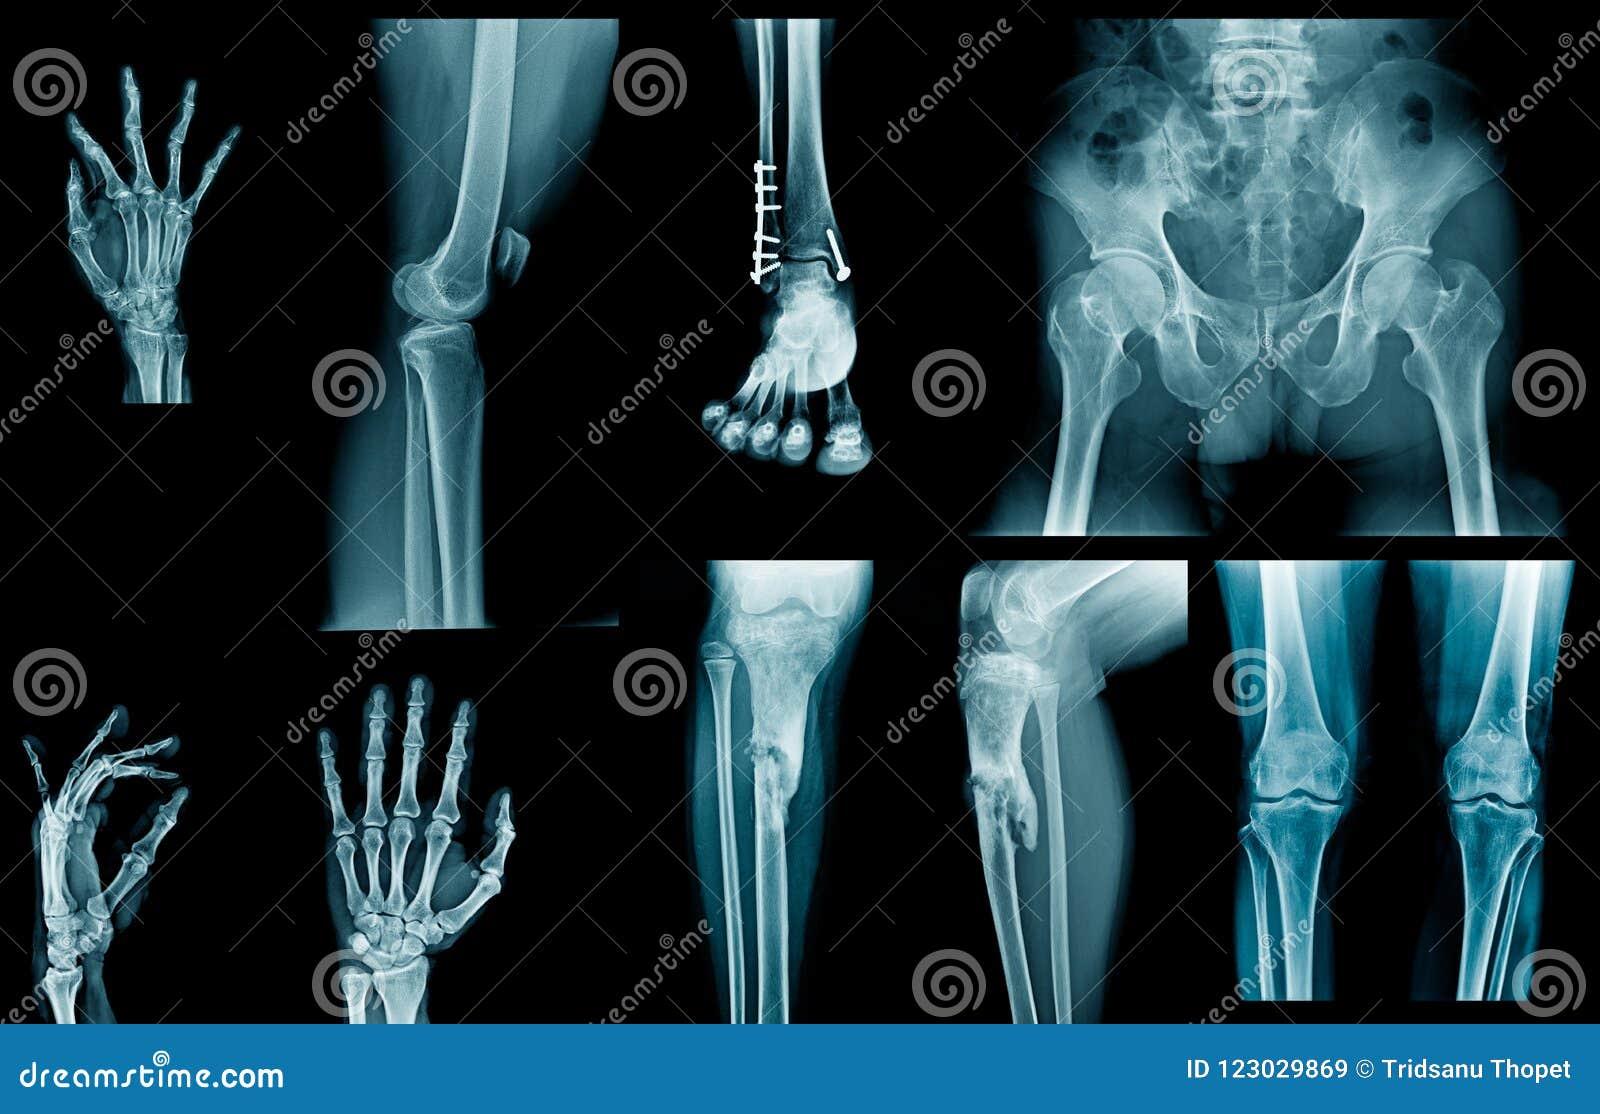 Inzamelings x-ray beeld